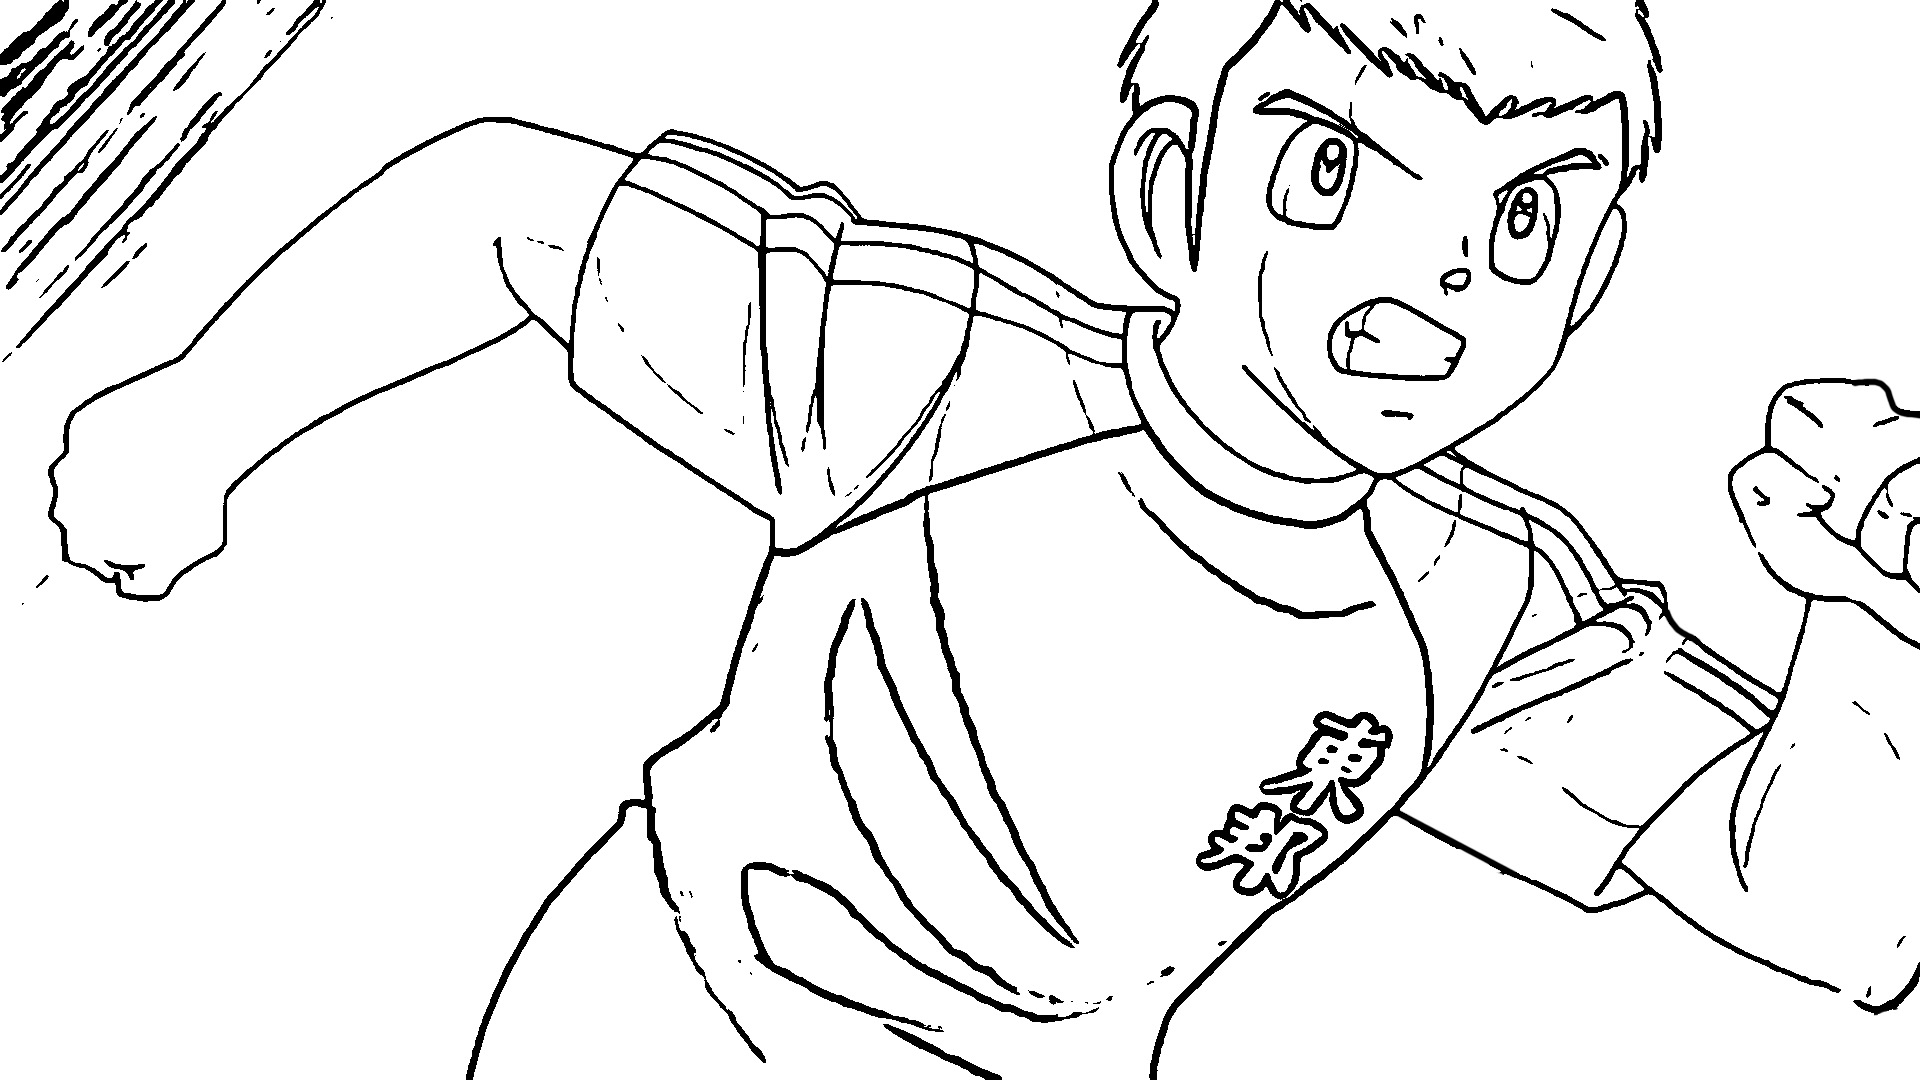 Captain Tsubasa Coloring Page 11